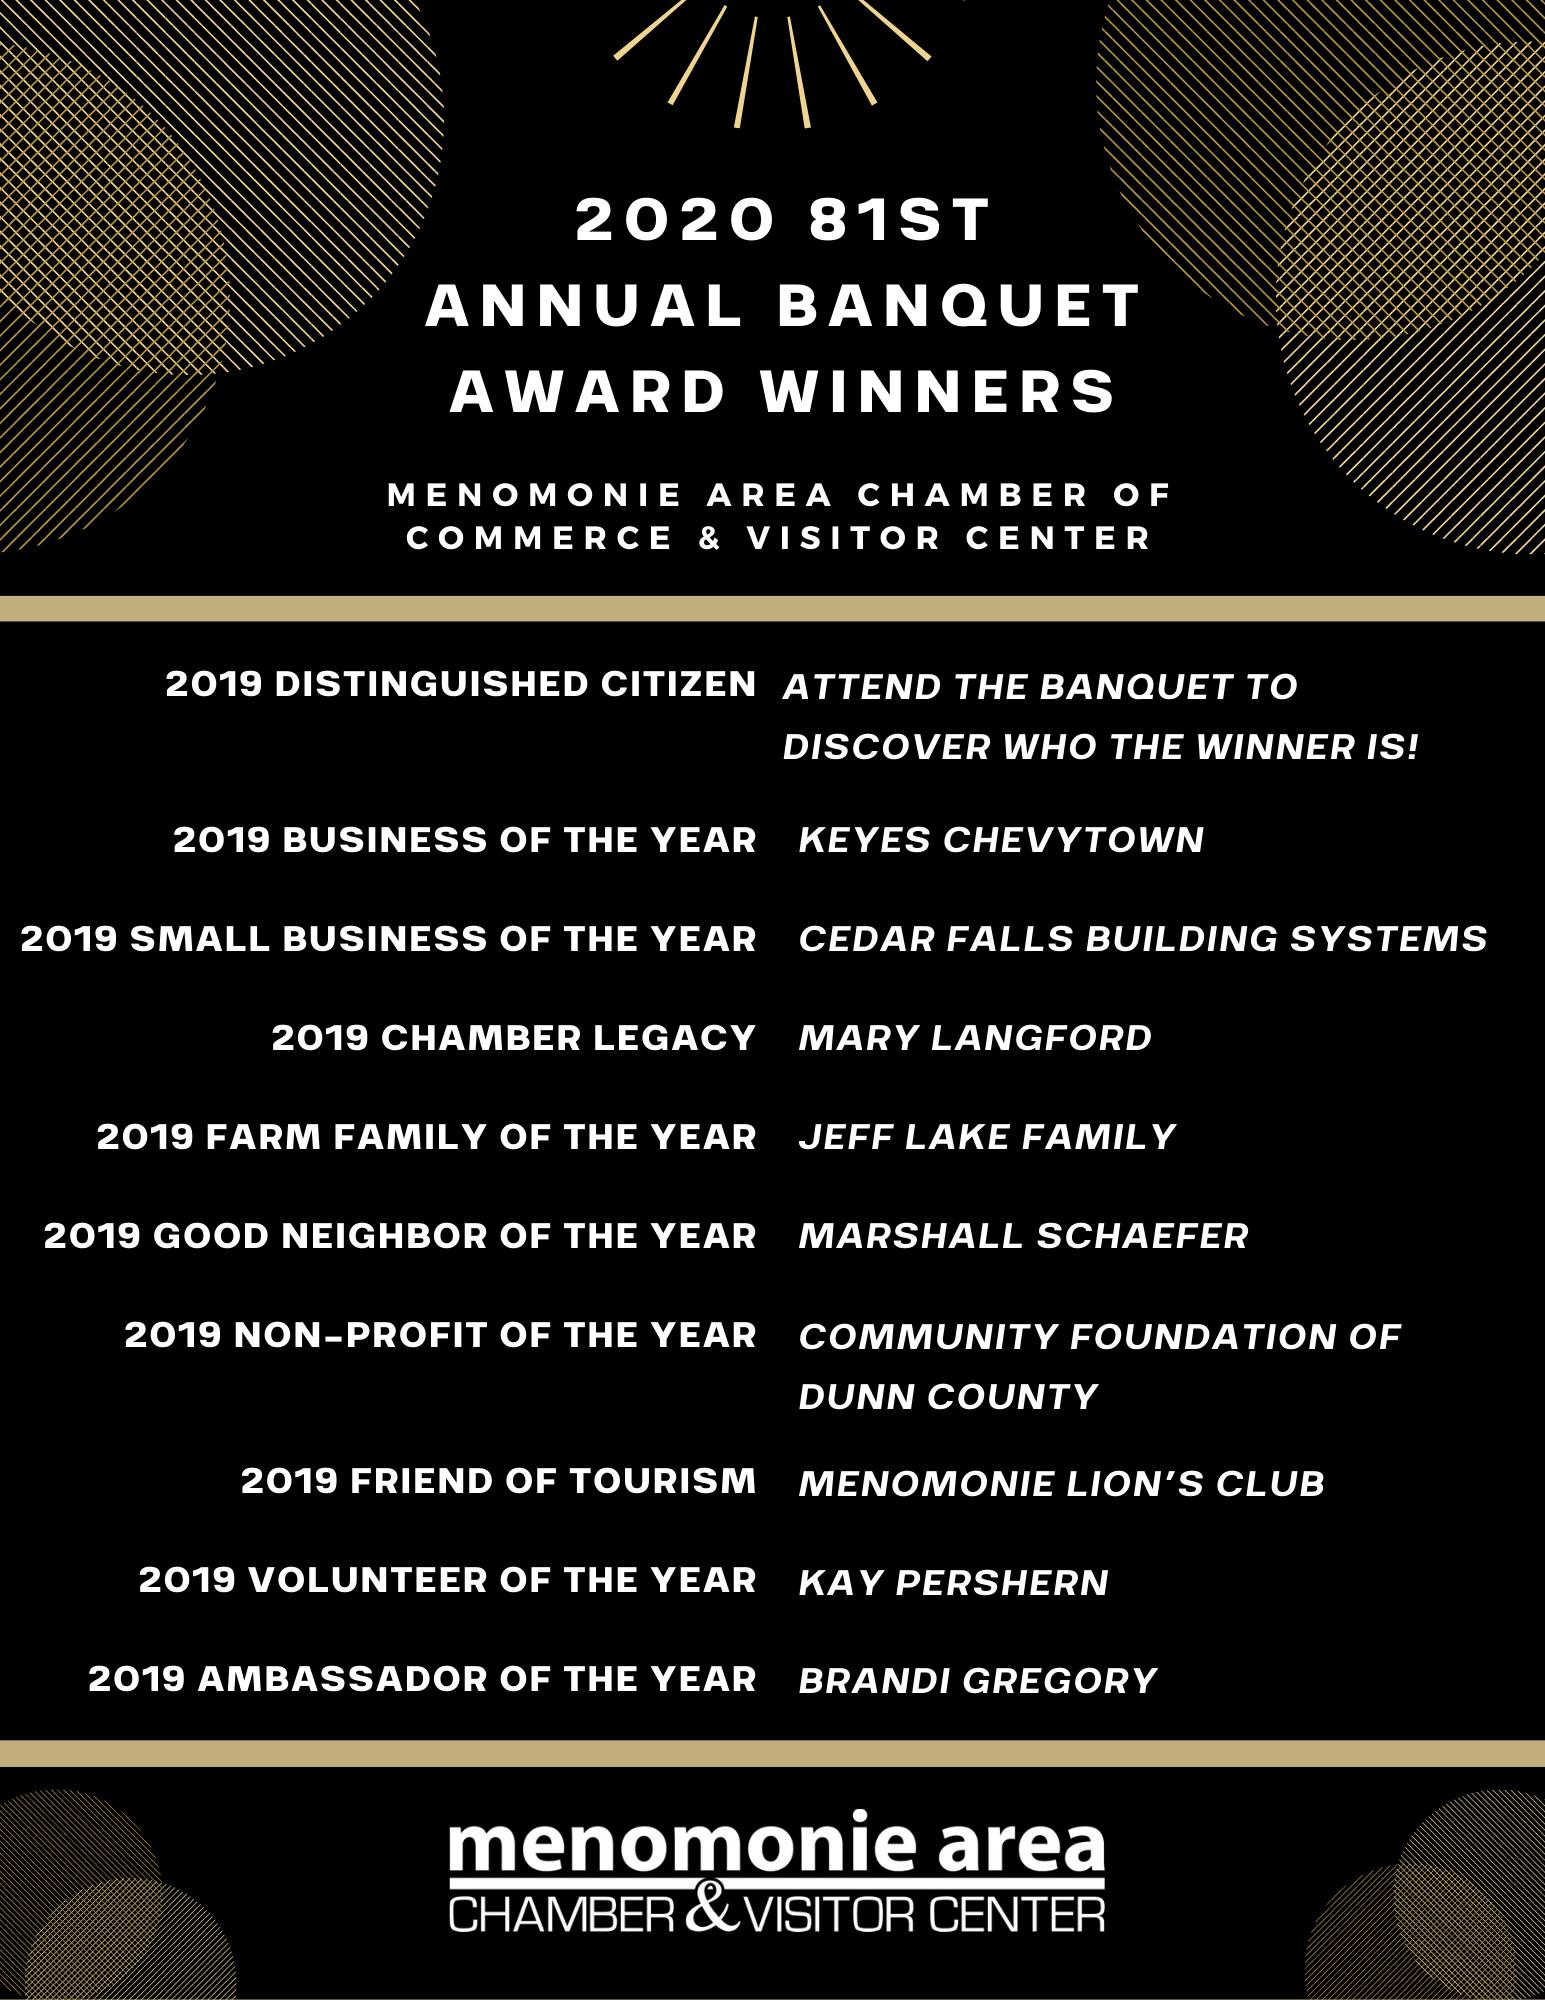 2019 annual banquet award winners